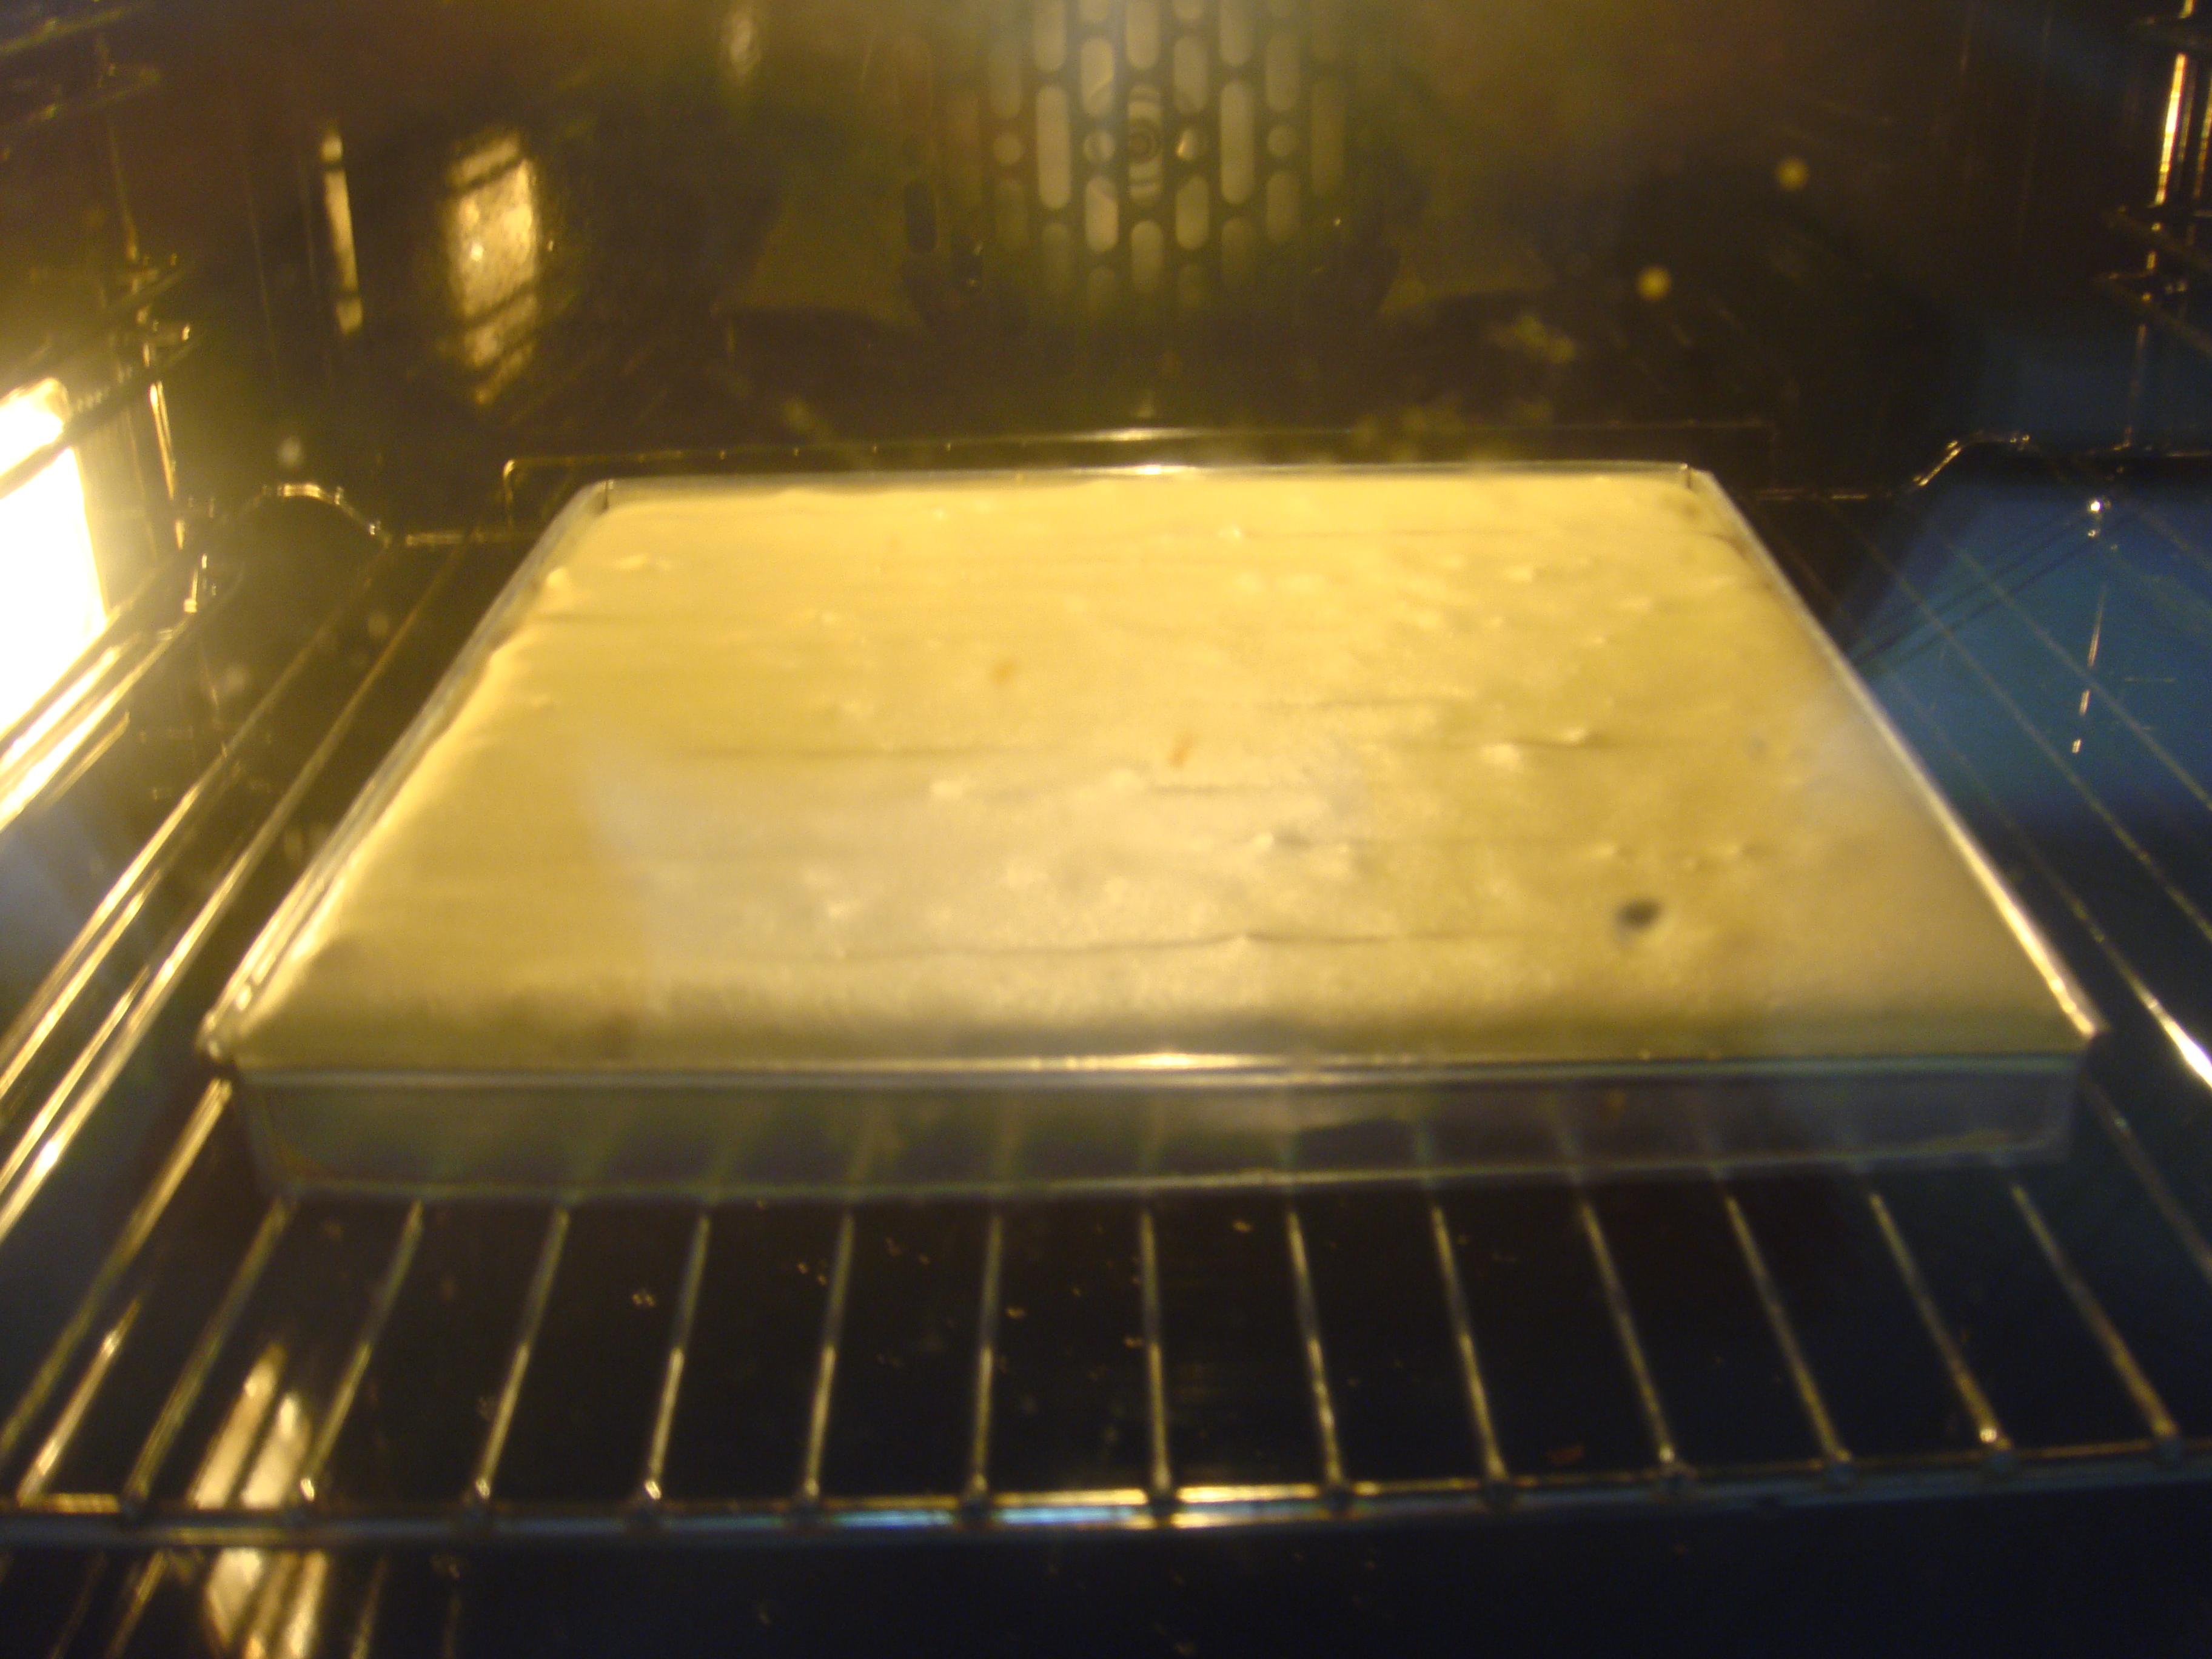 Kek Tapak Kuda Nutella Nutella Horse Shoe Cake Baking